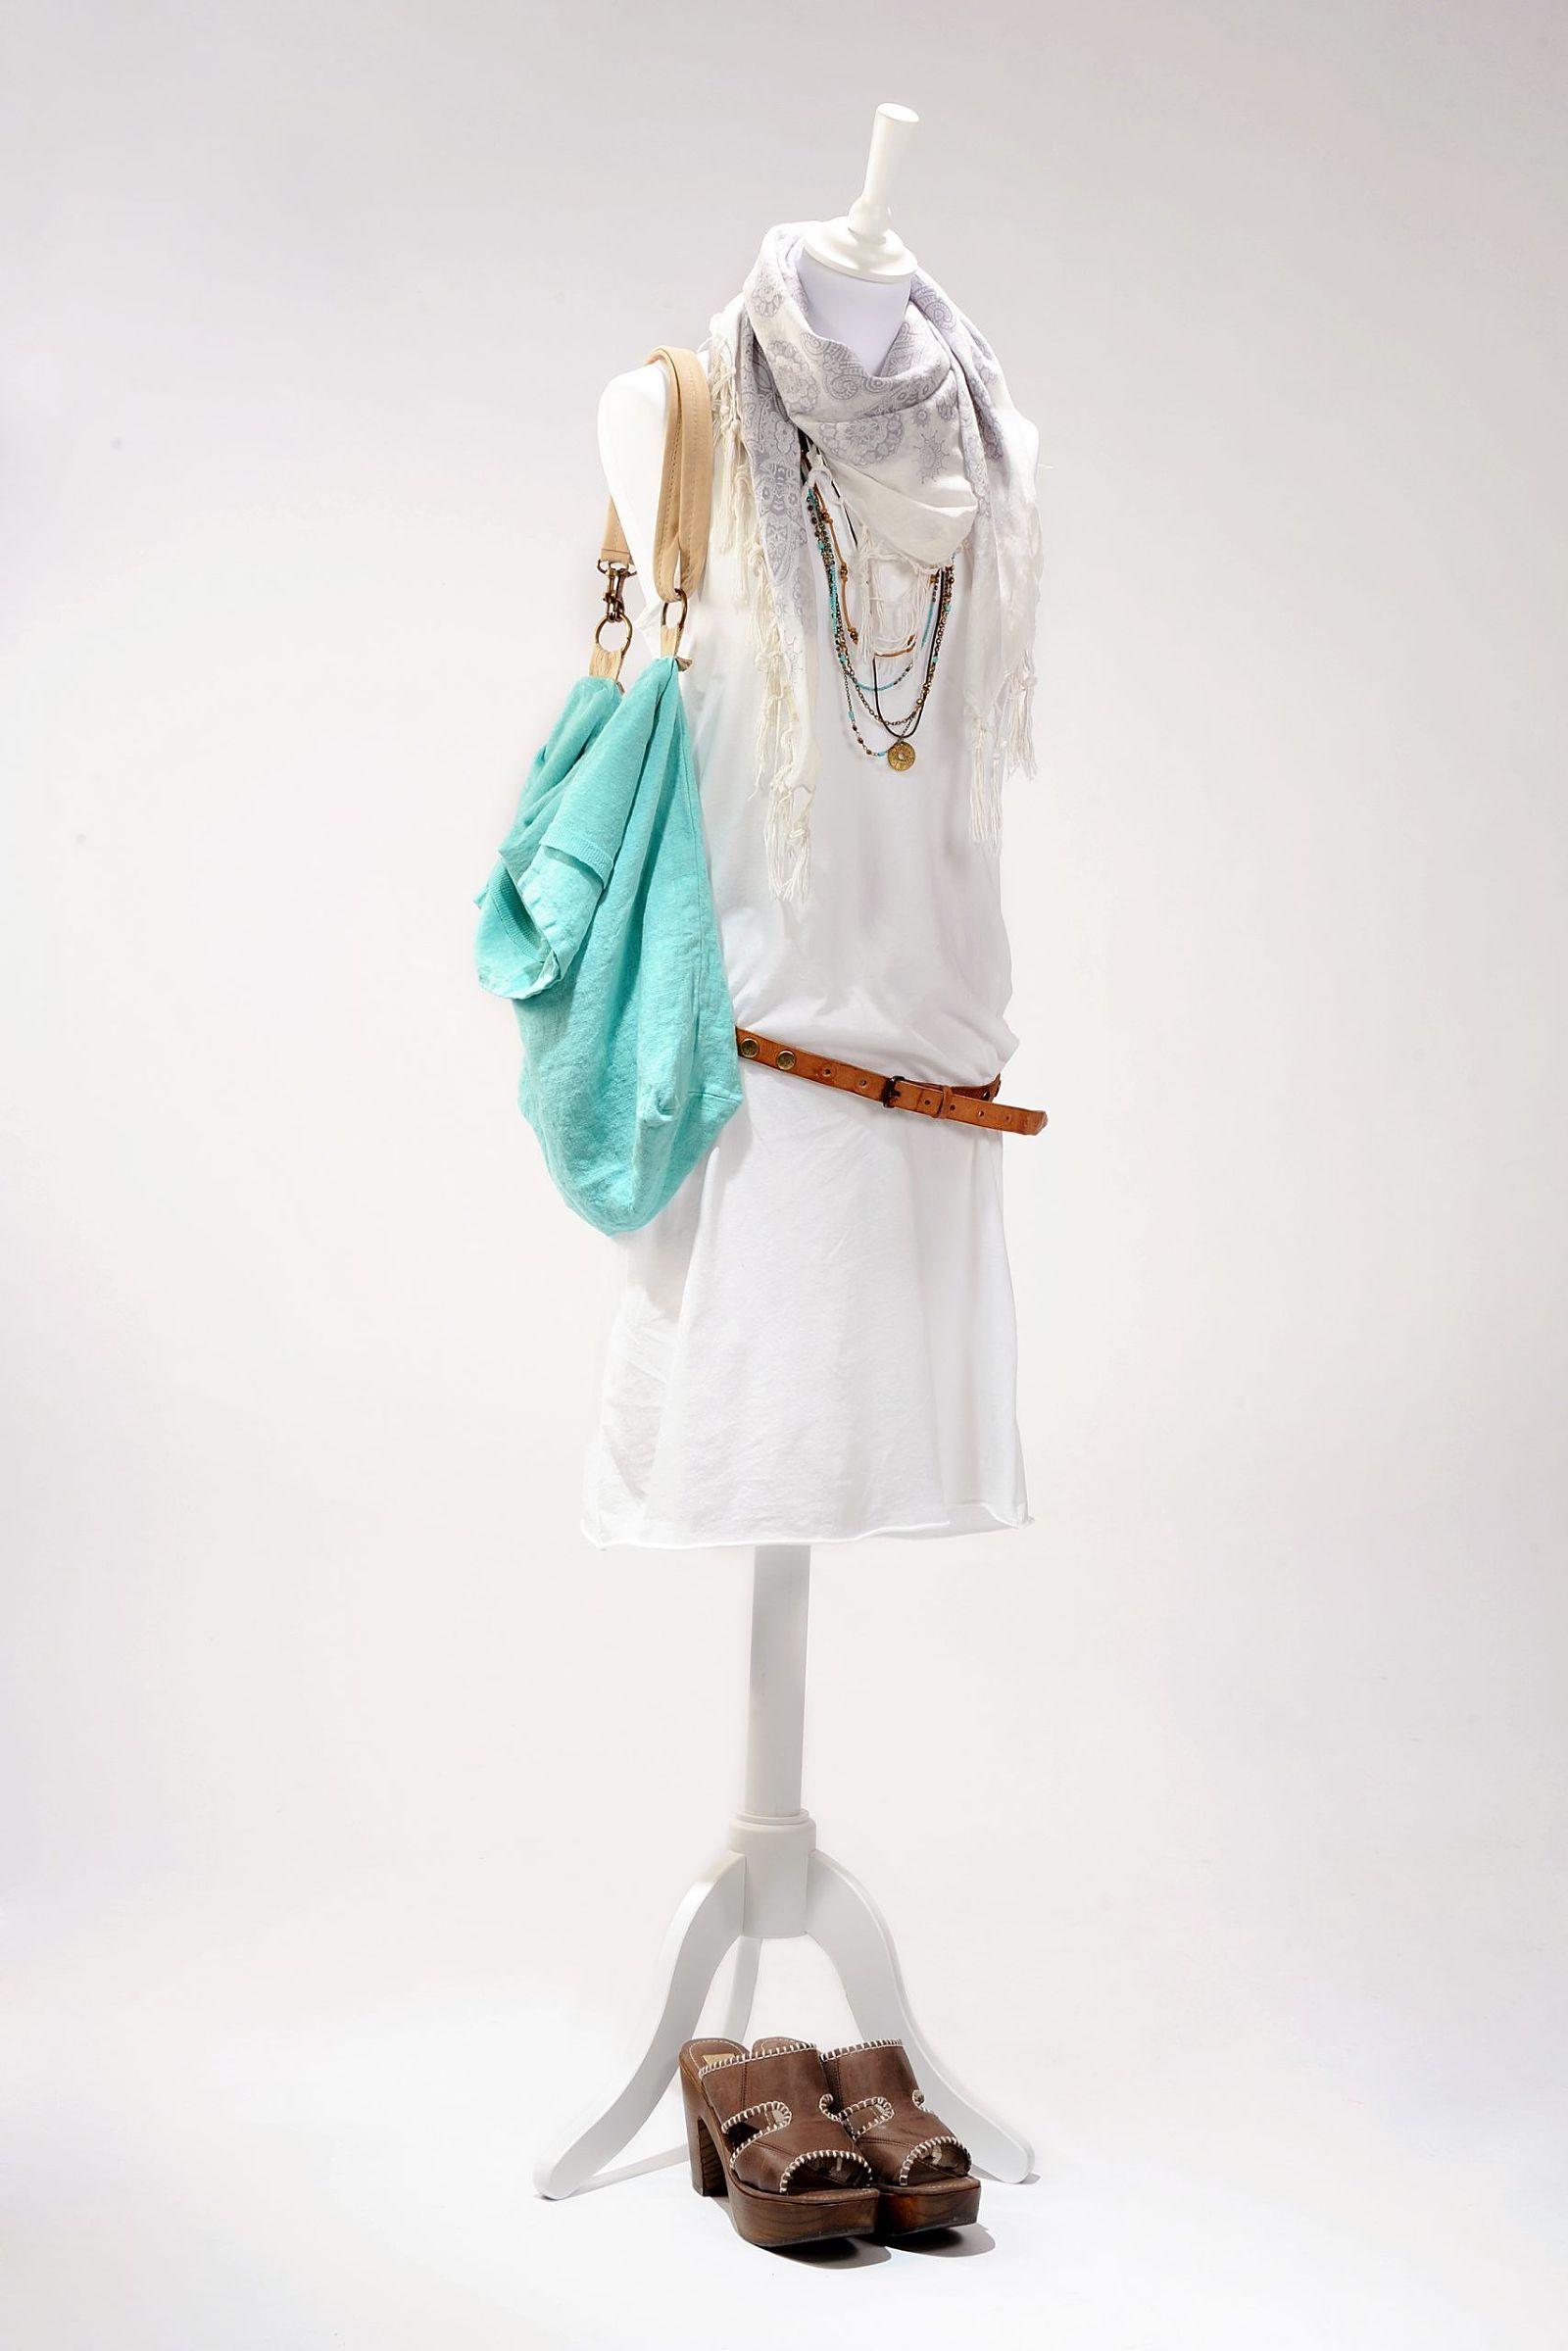 Fotografo-producto-ropa-12